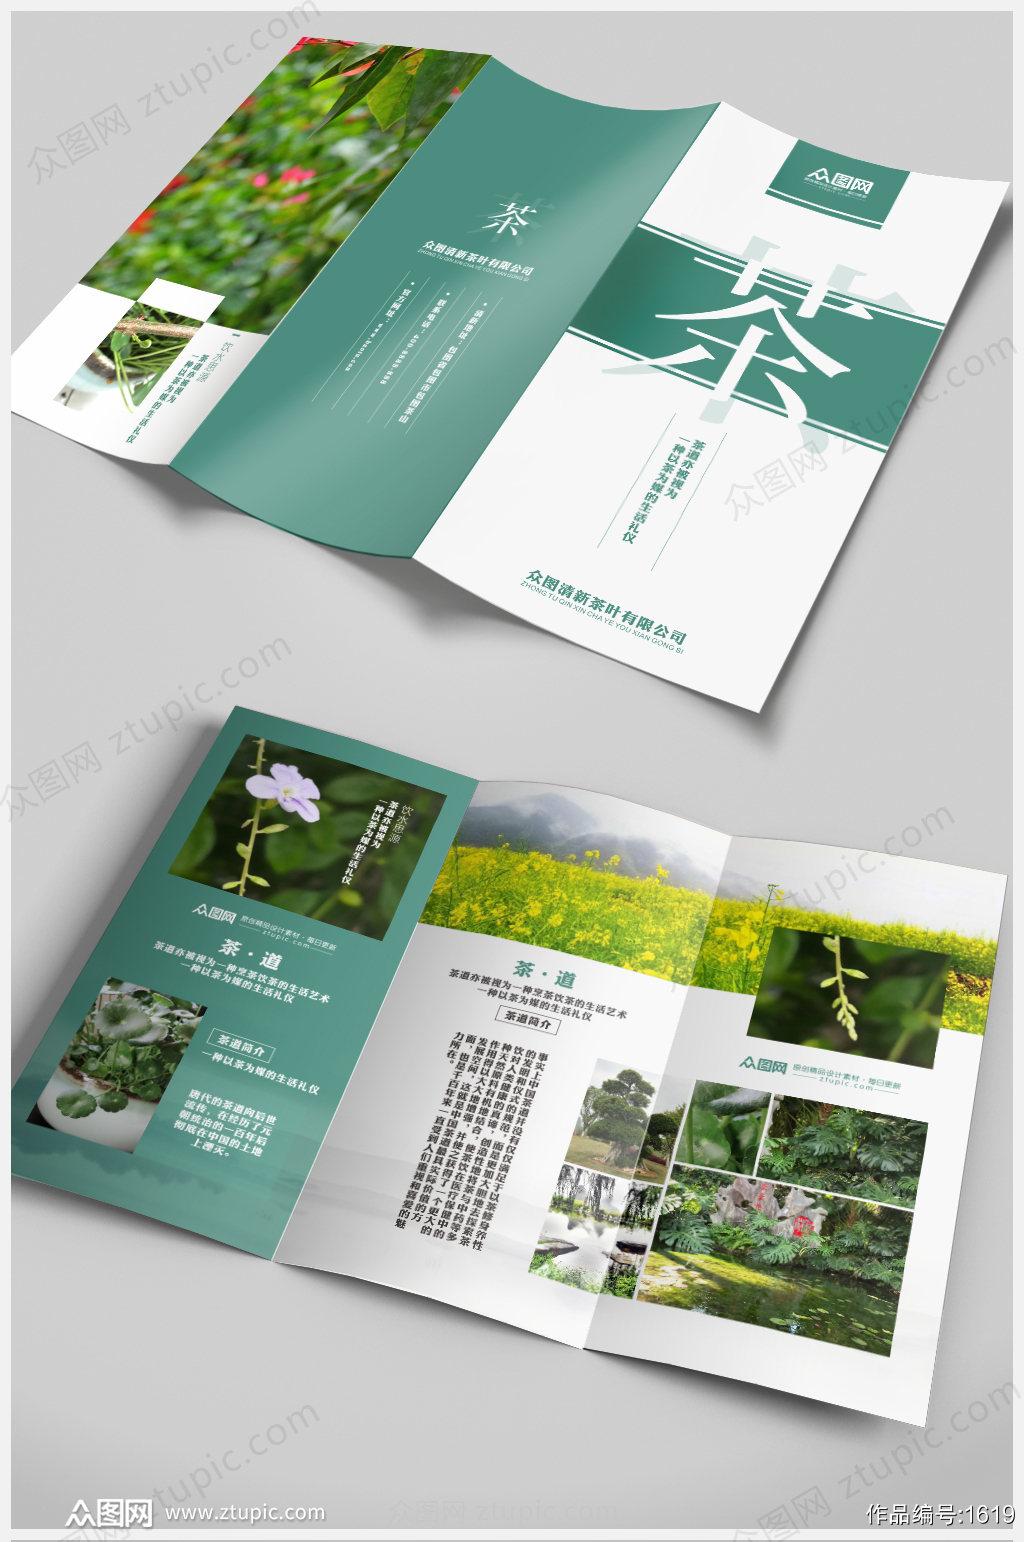 清新茶叶品牌植物绿叶三折页素材